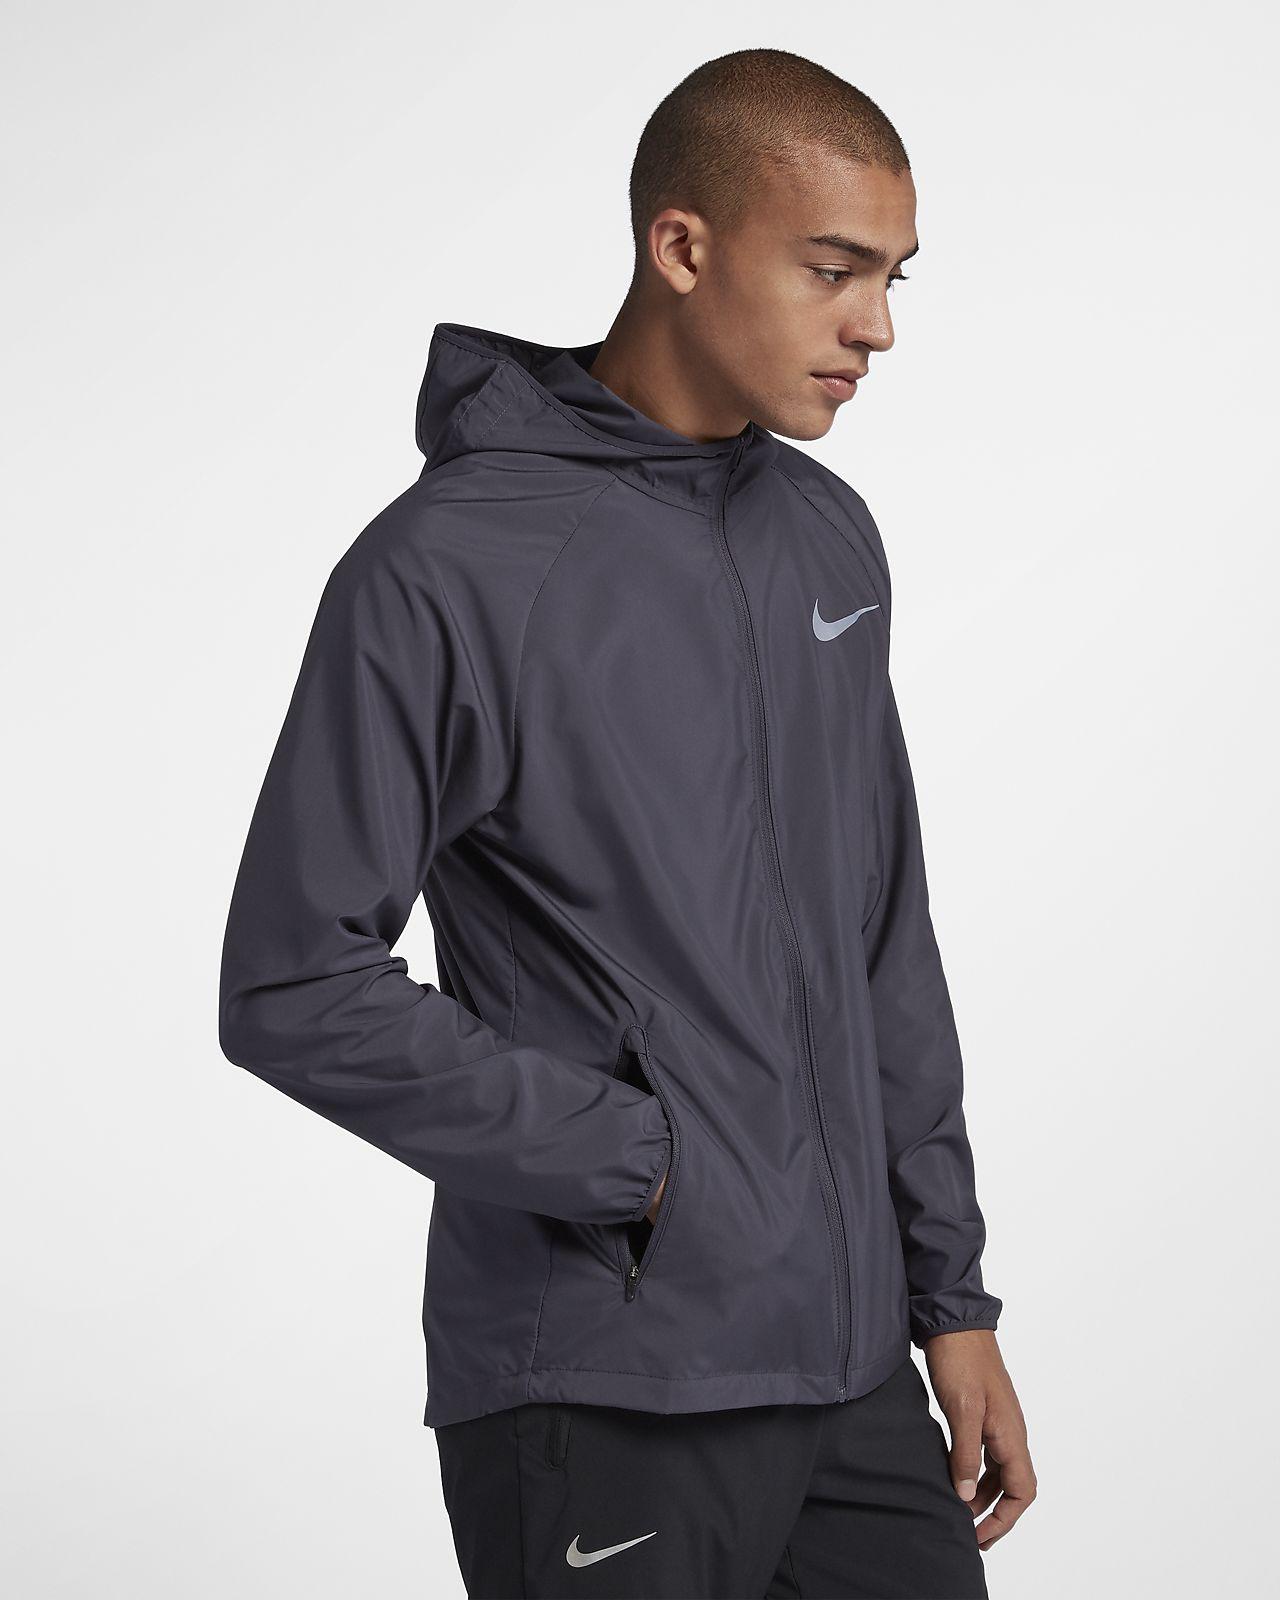 Veste Homme Lu Essential De Nike Running Pour qwZfB1xTq